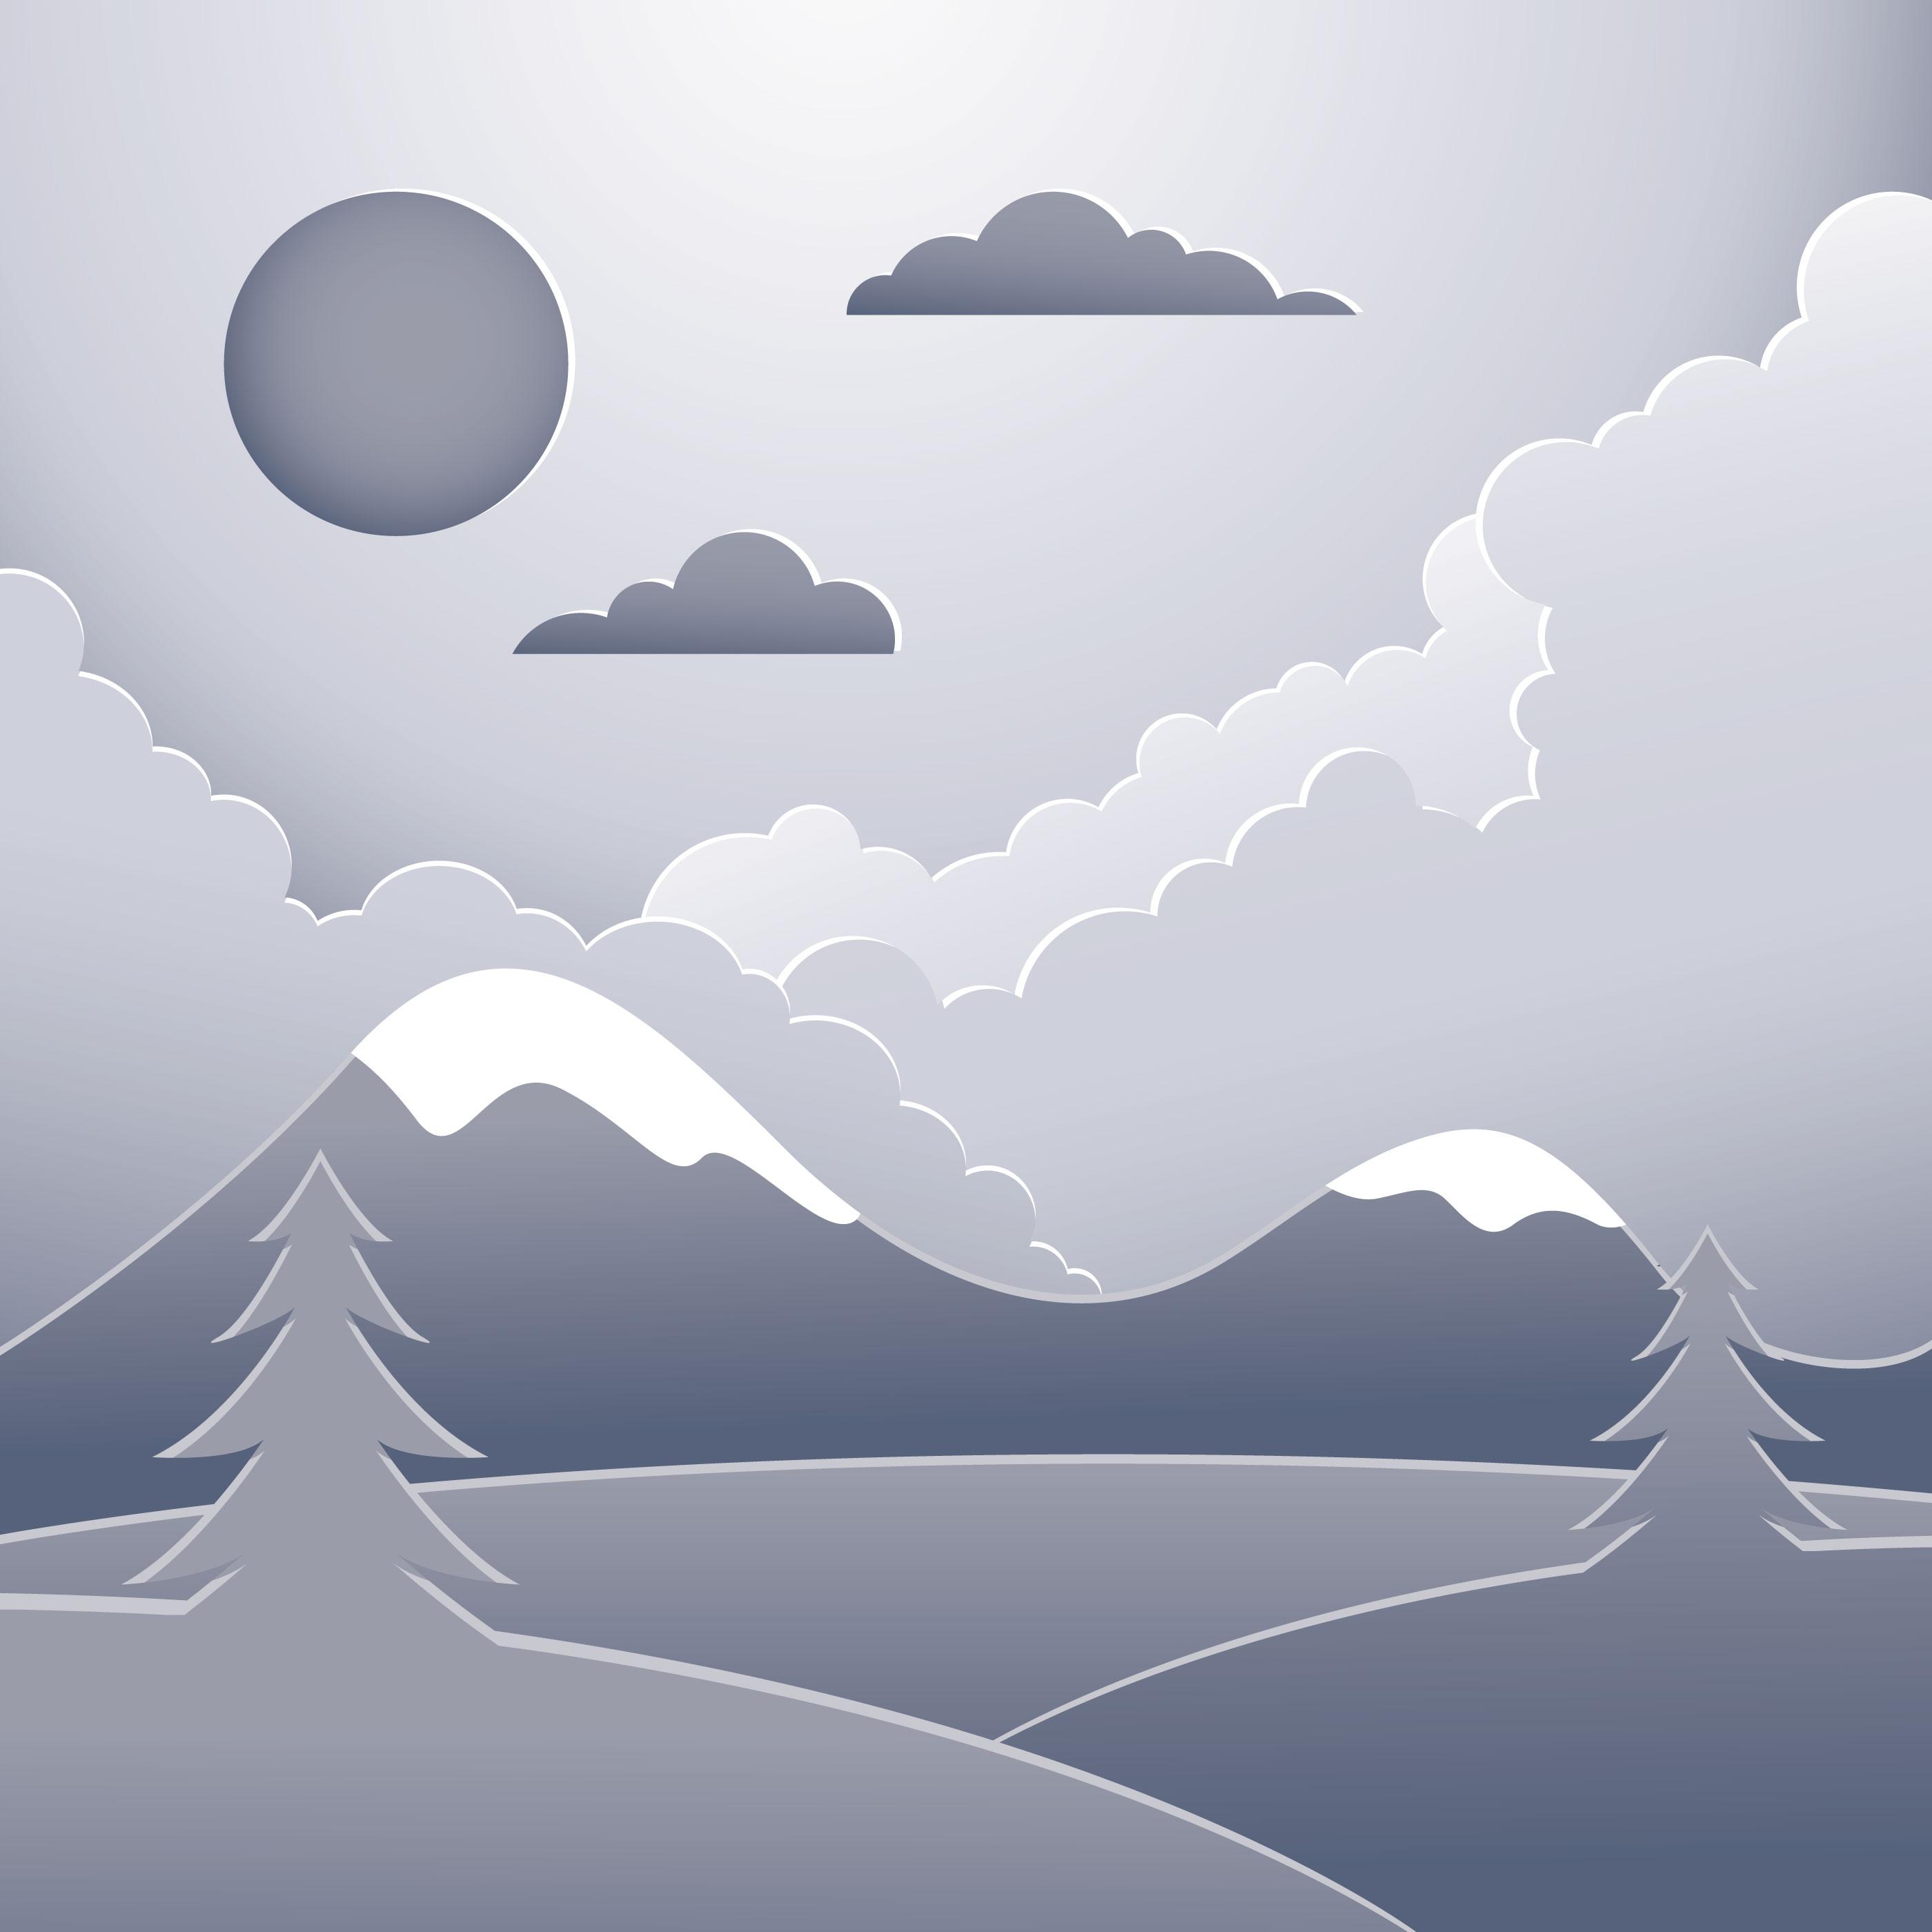 Landscape Illustration Vector Free: Paper Art Landscape Illustration